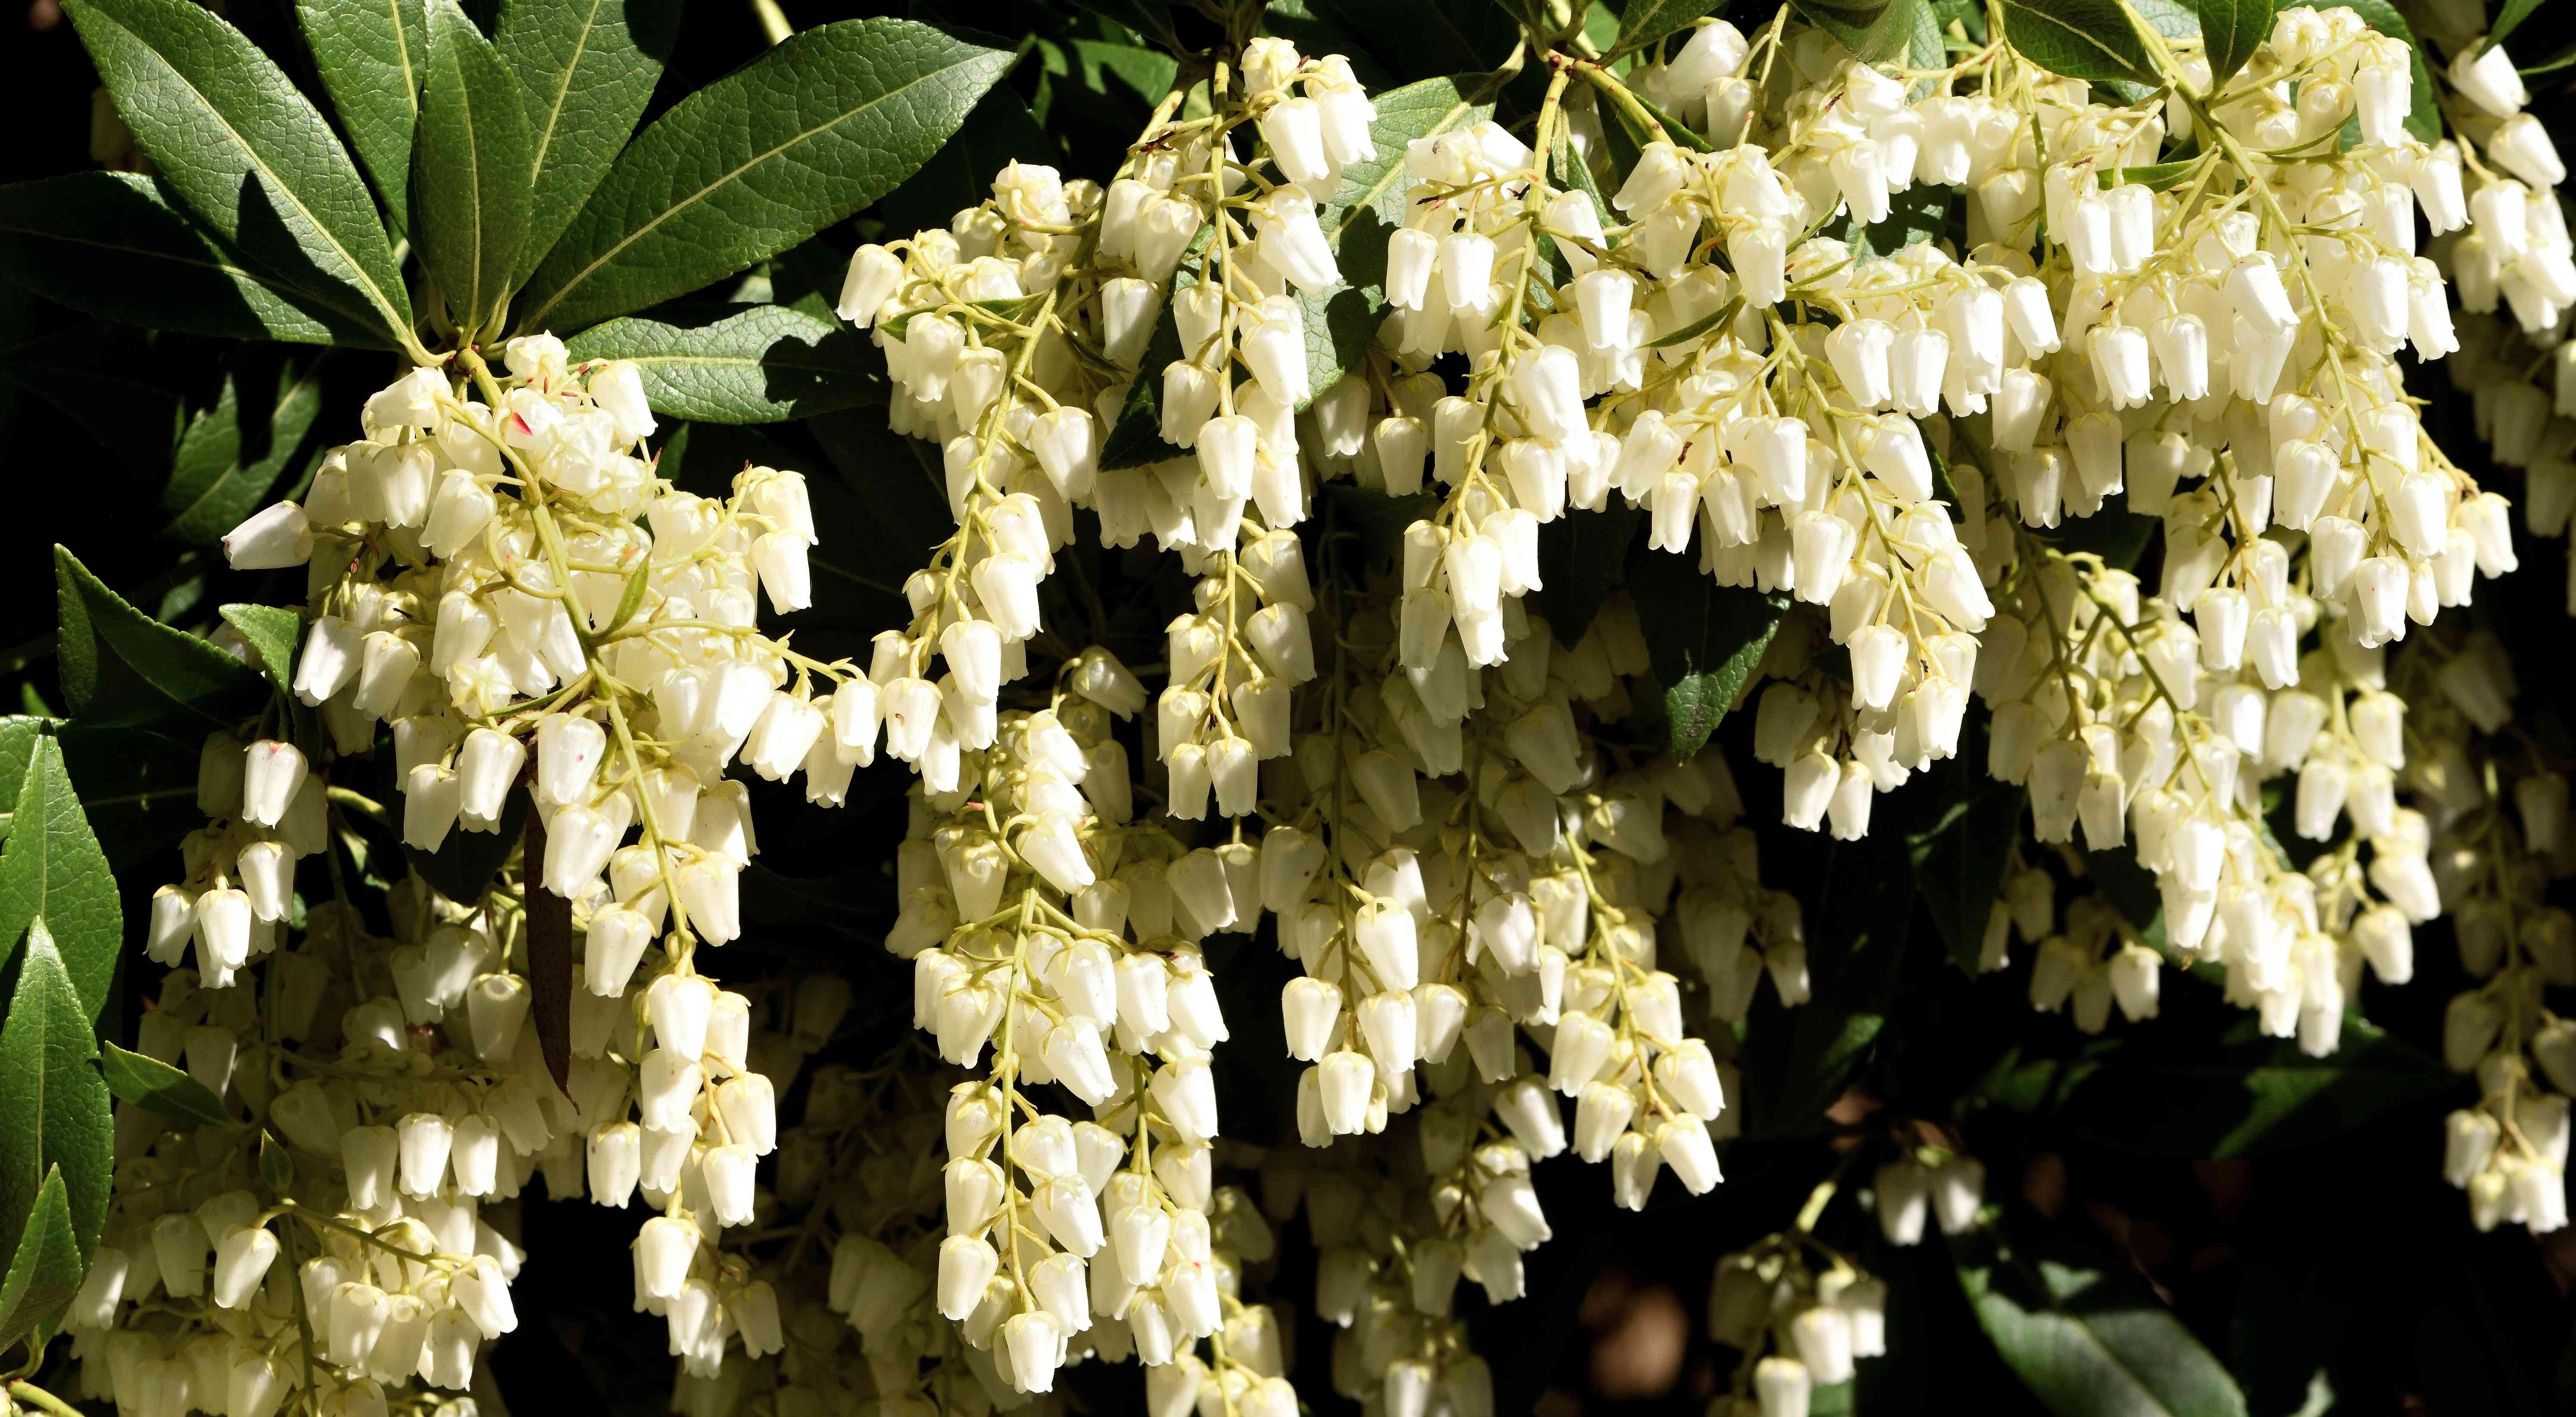 White Pieris flowers